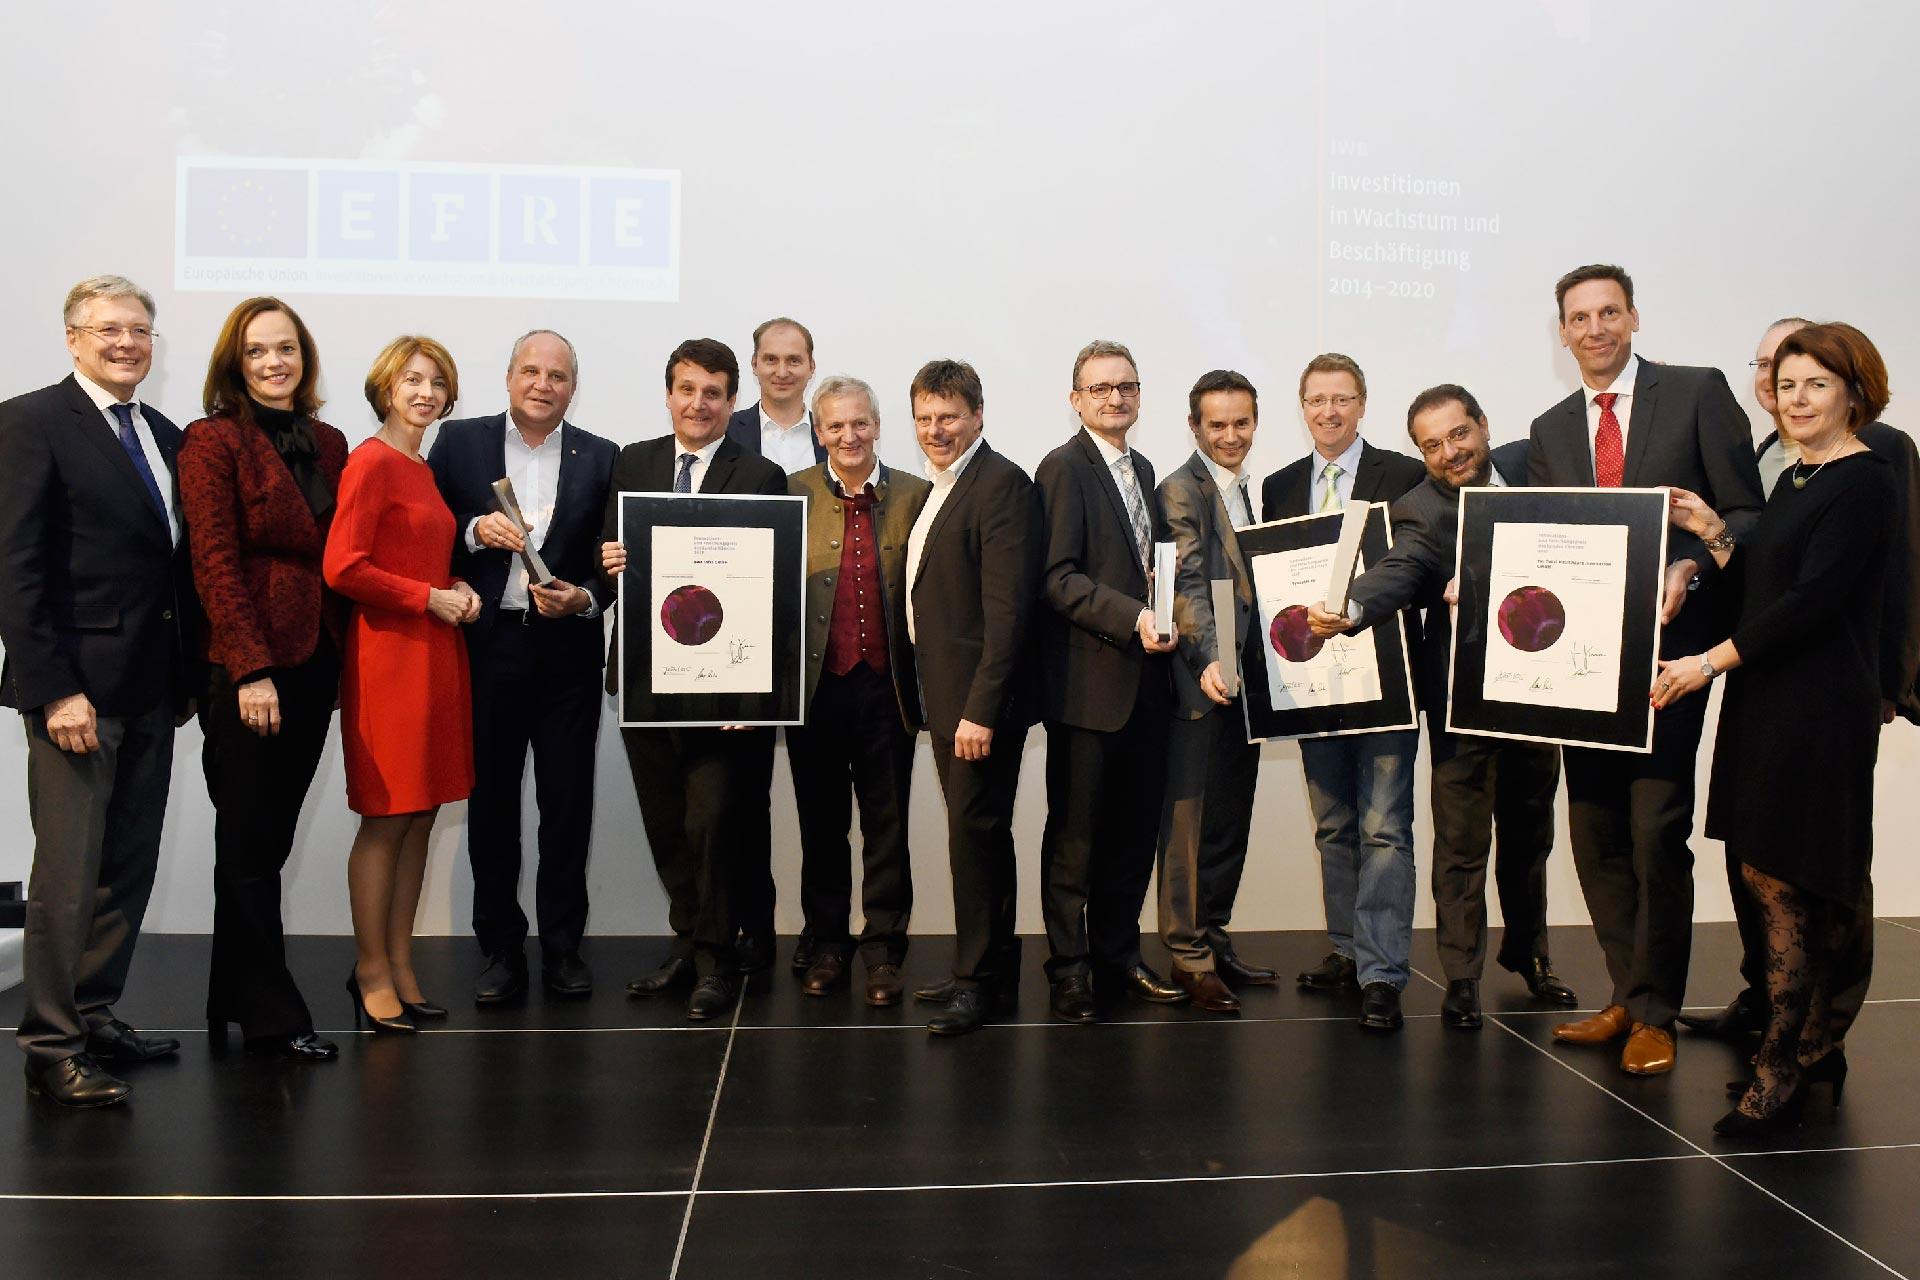 Bei der Preisverleihung des Innovations- und Forschungspreises des Landes Kärnten standen sie im Rampenlicht …